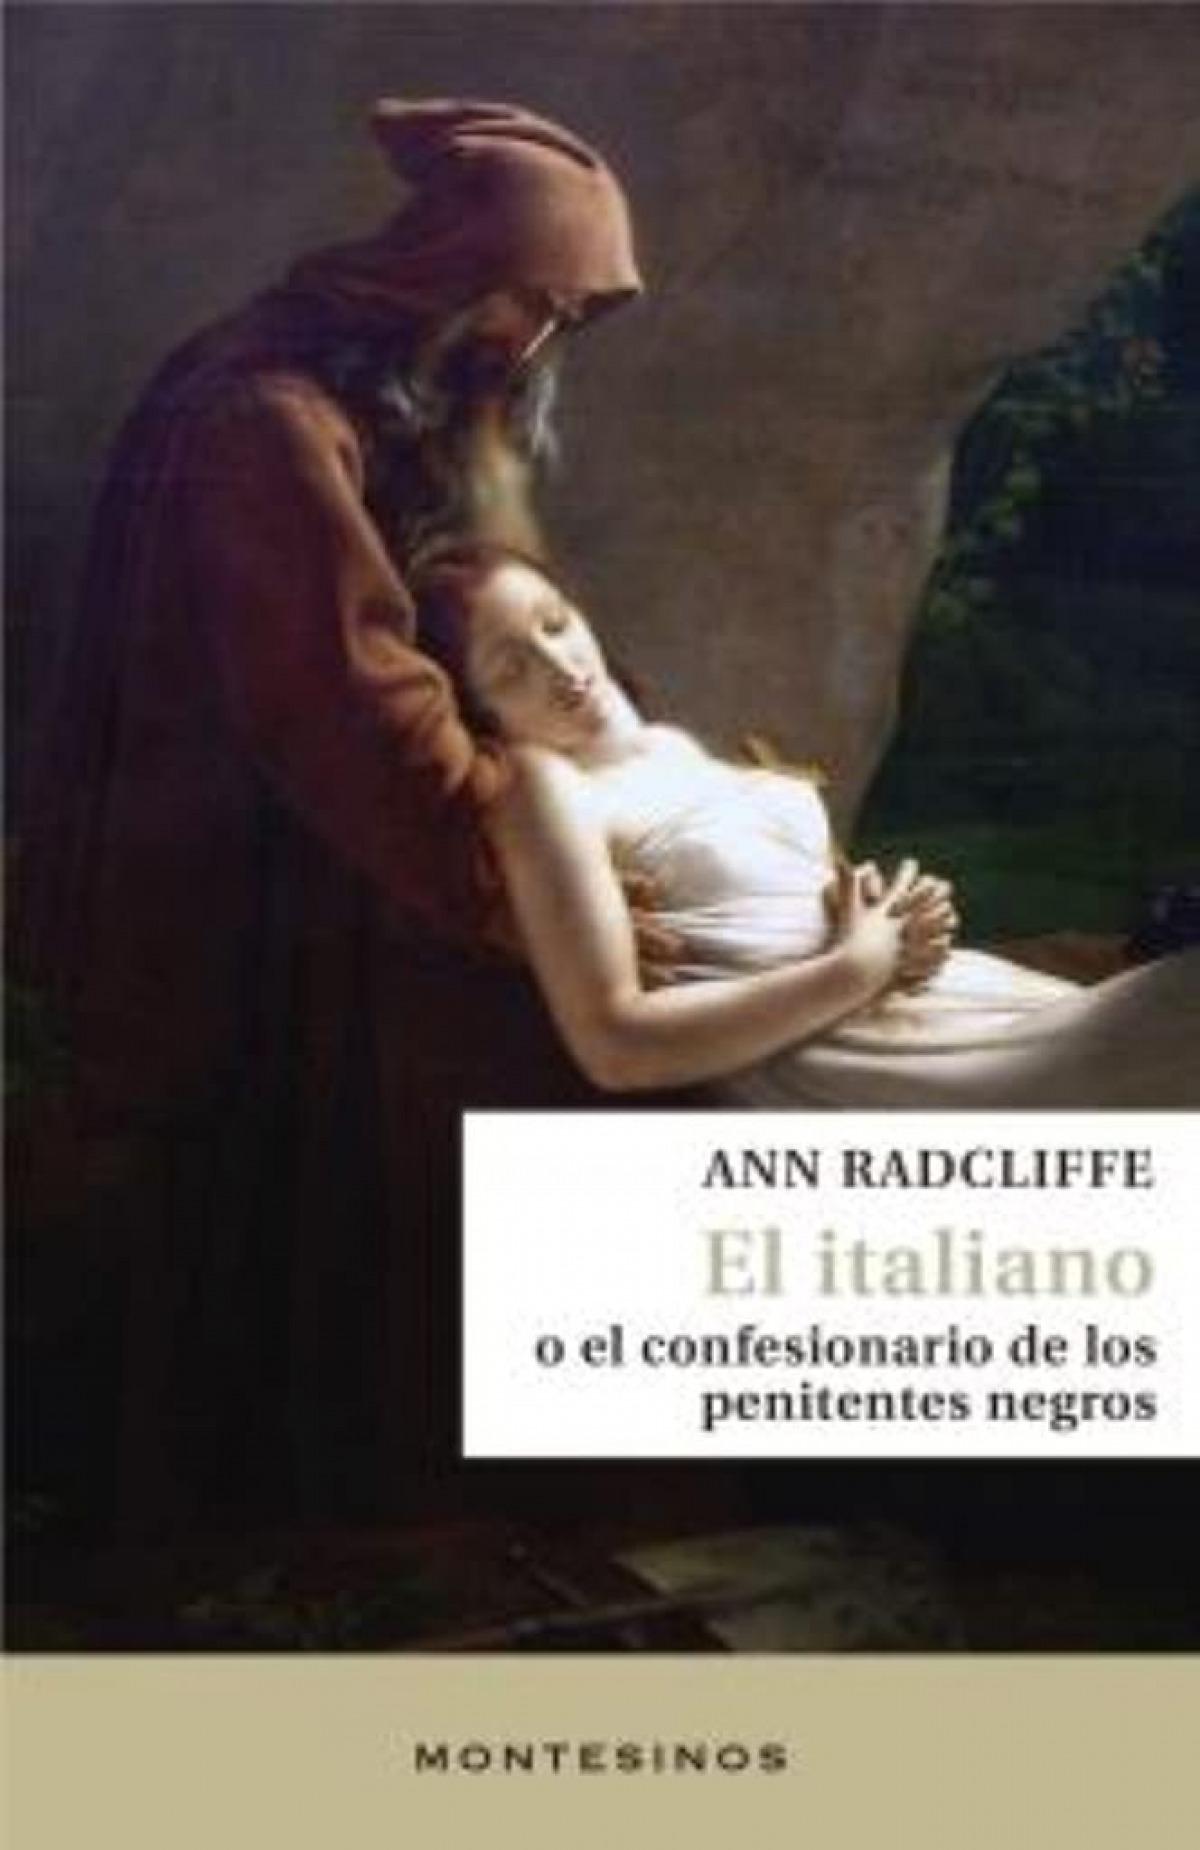 El italiano o el confesionario de los penitentes negros